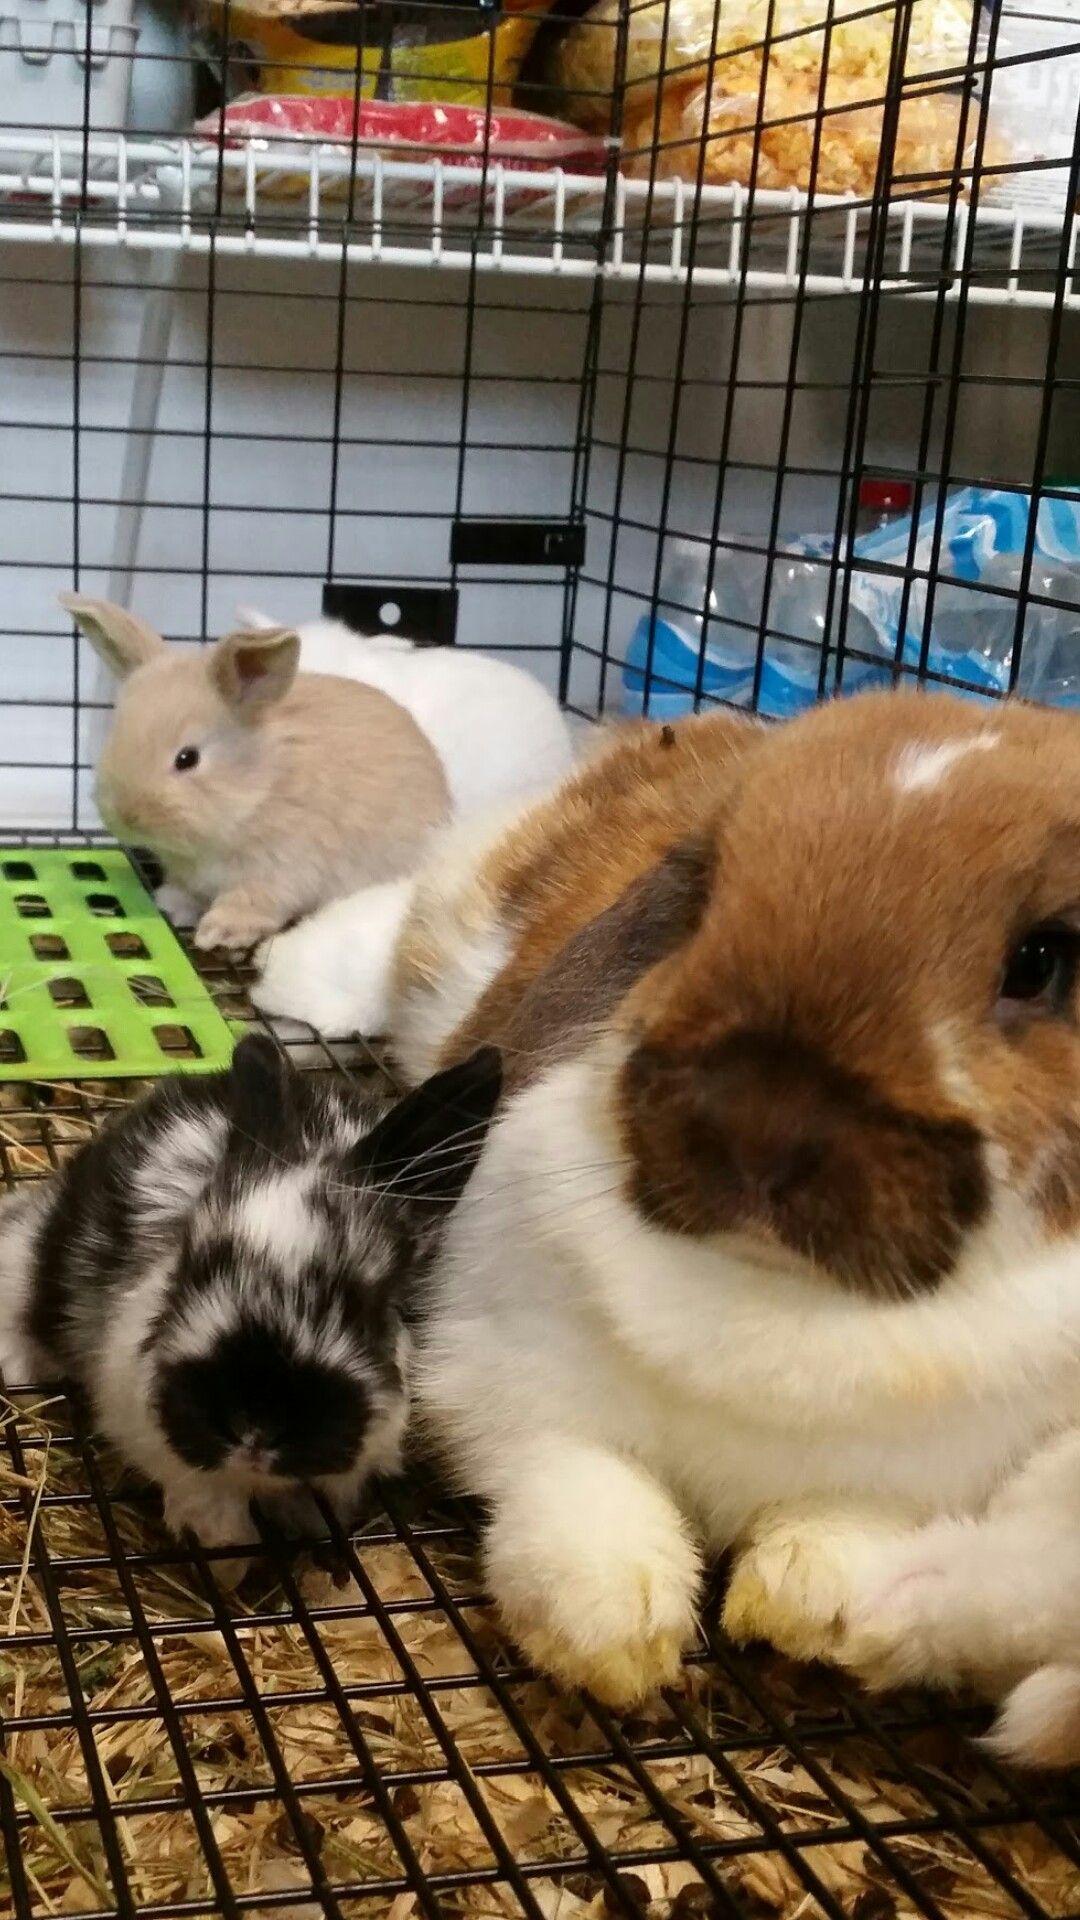 Vienen en todos los tamaños!! July 2016, broken tort holland lops, Maple and Sylvester, holland lop bunnies, lop eared bunnies, holland lop rabbits, black and white bunnies, orange and white bunnies